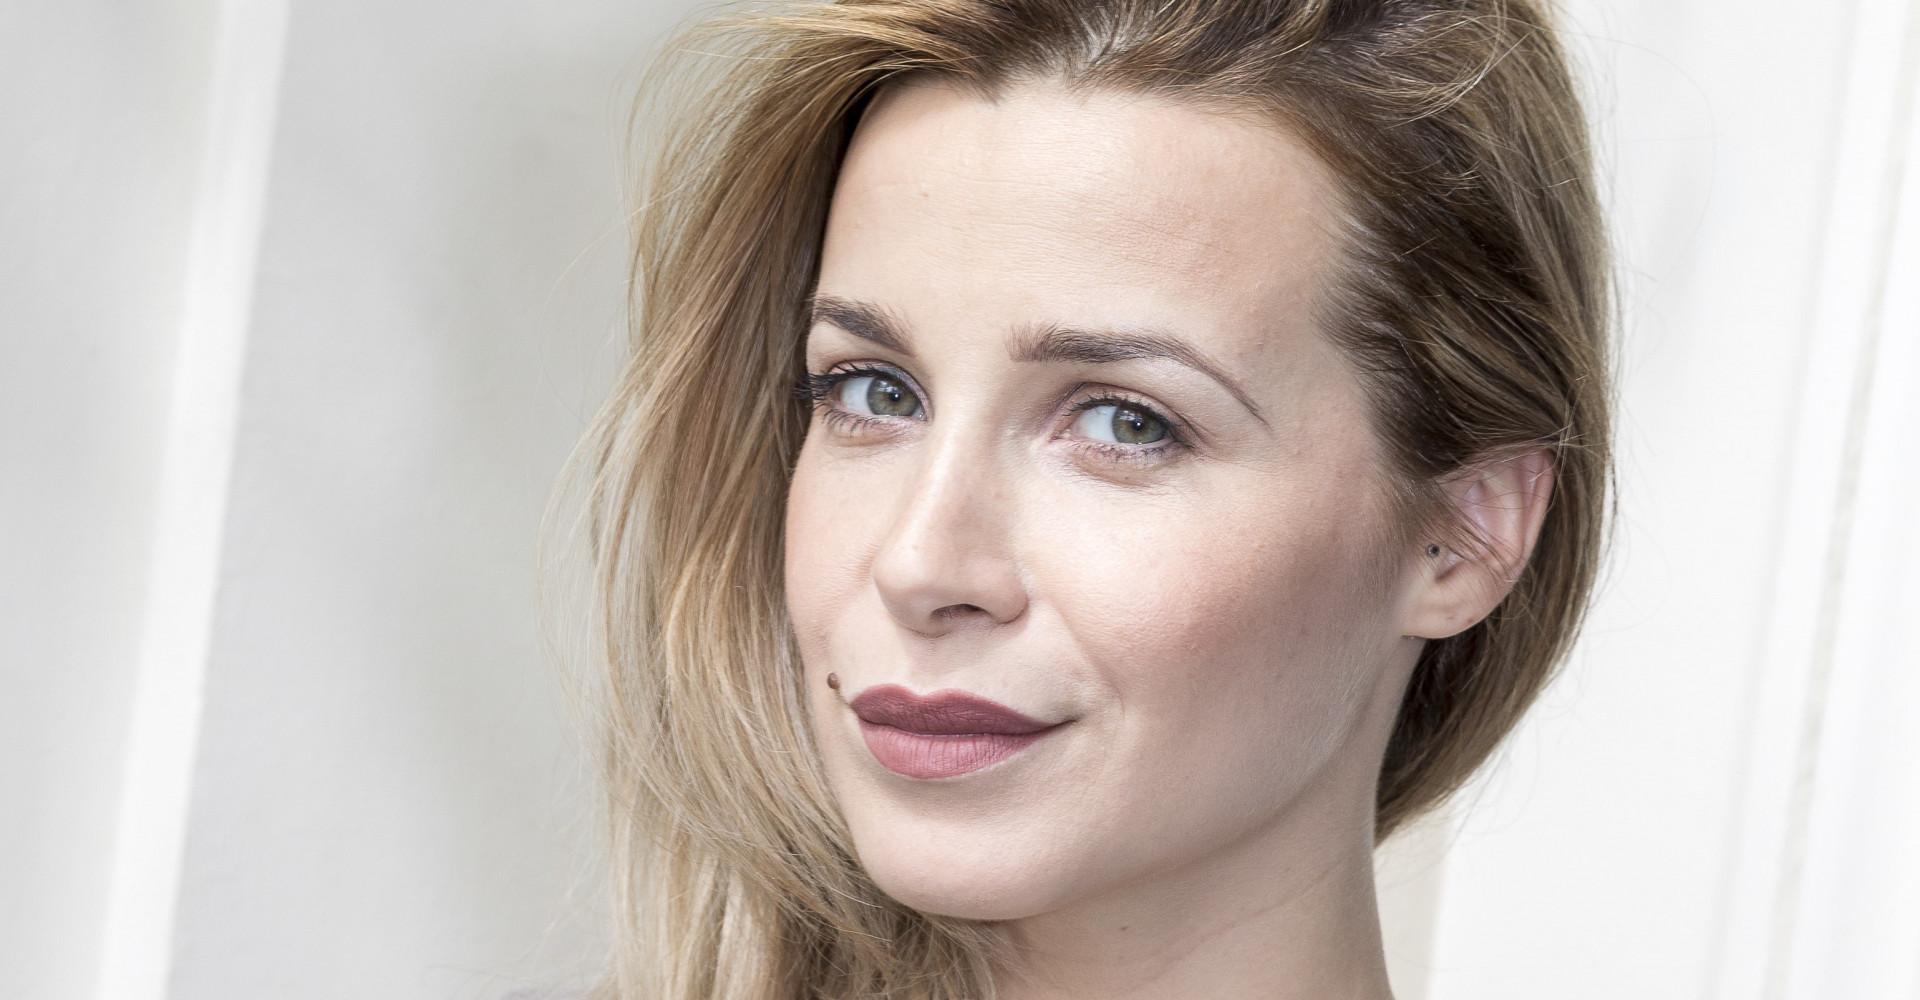 Victoria Koblenko verkleedt zich als cadeau